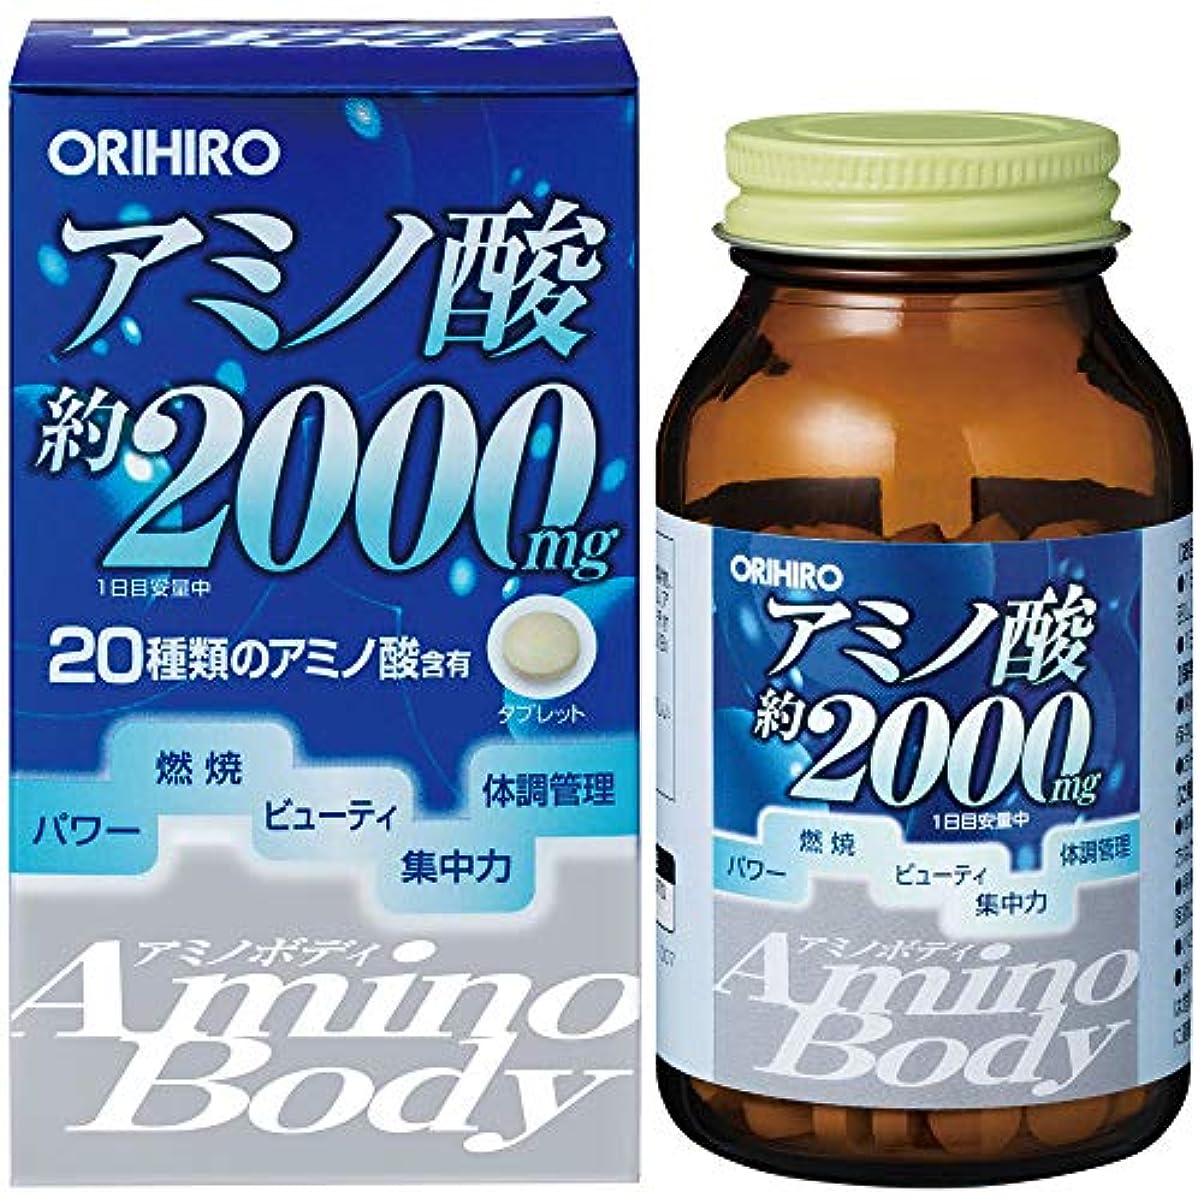 否認する彼女のベテランオリヒロ Amino Body アミノボディ(大豆ペプチド)